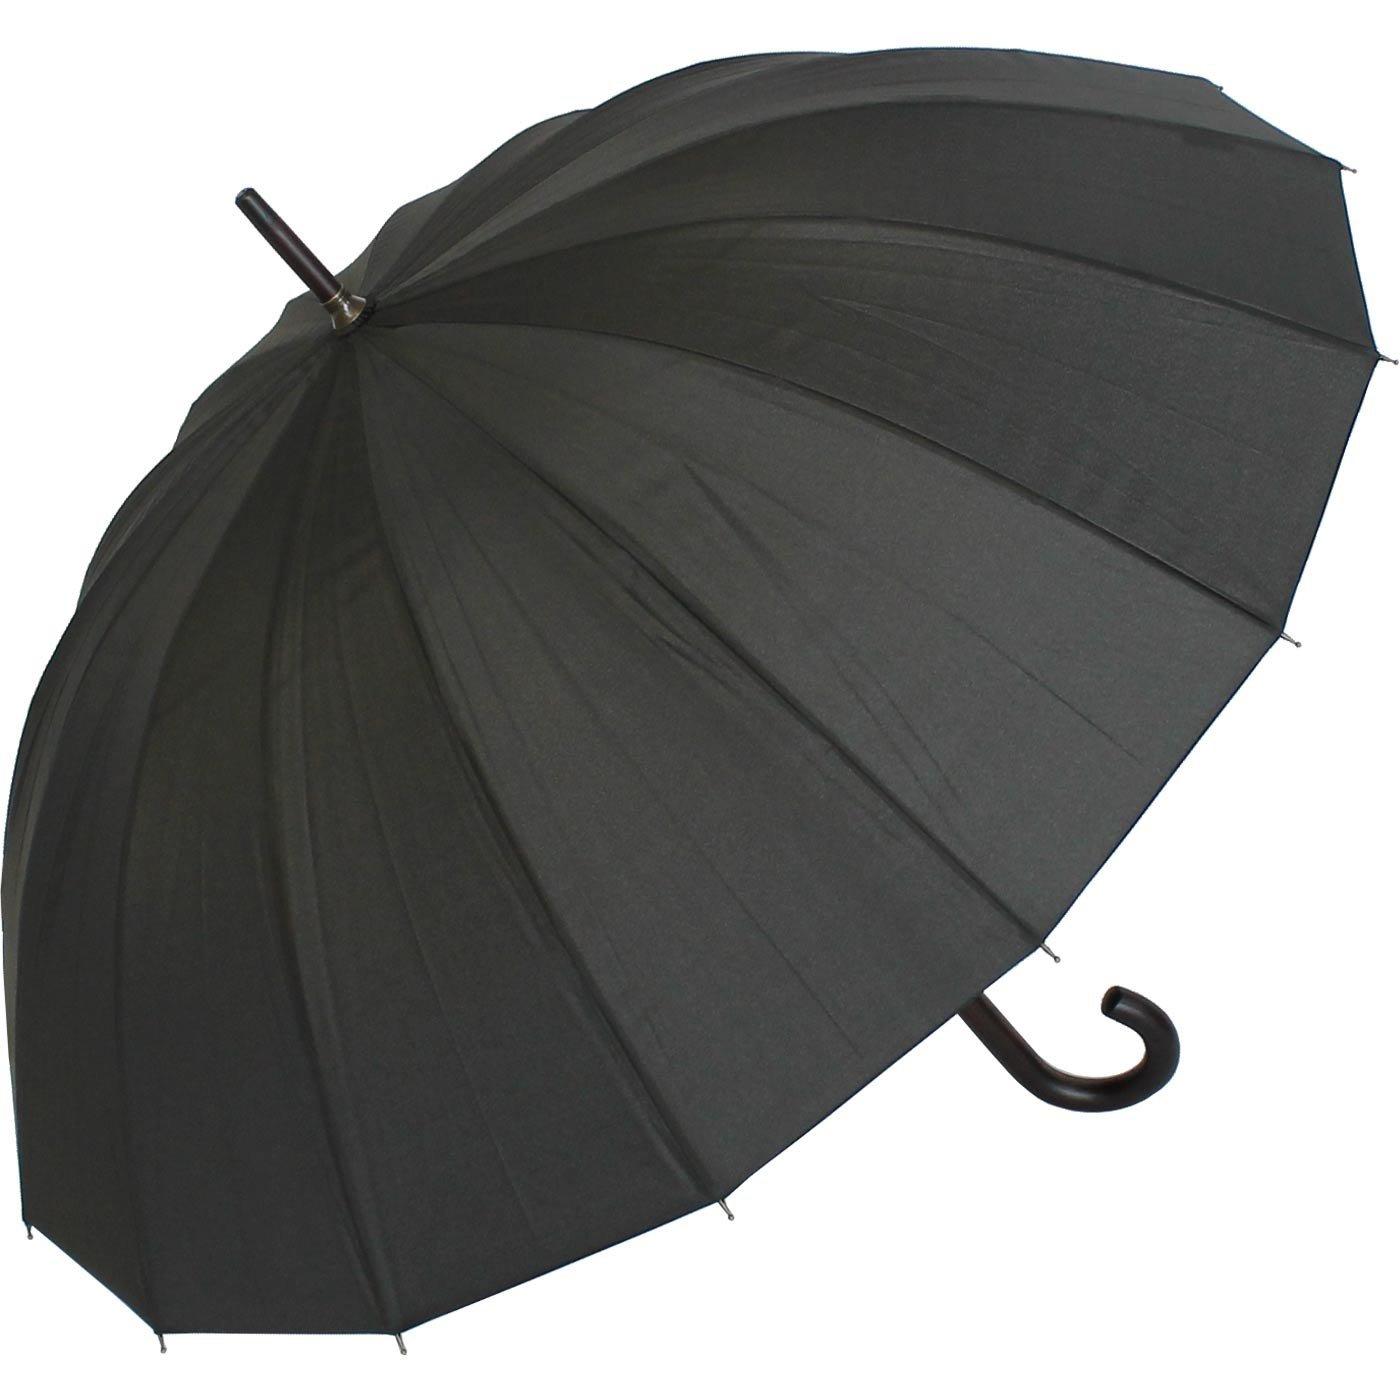 Doppler Parapluie London pour homme 1651